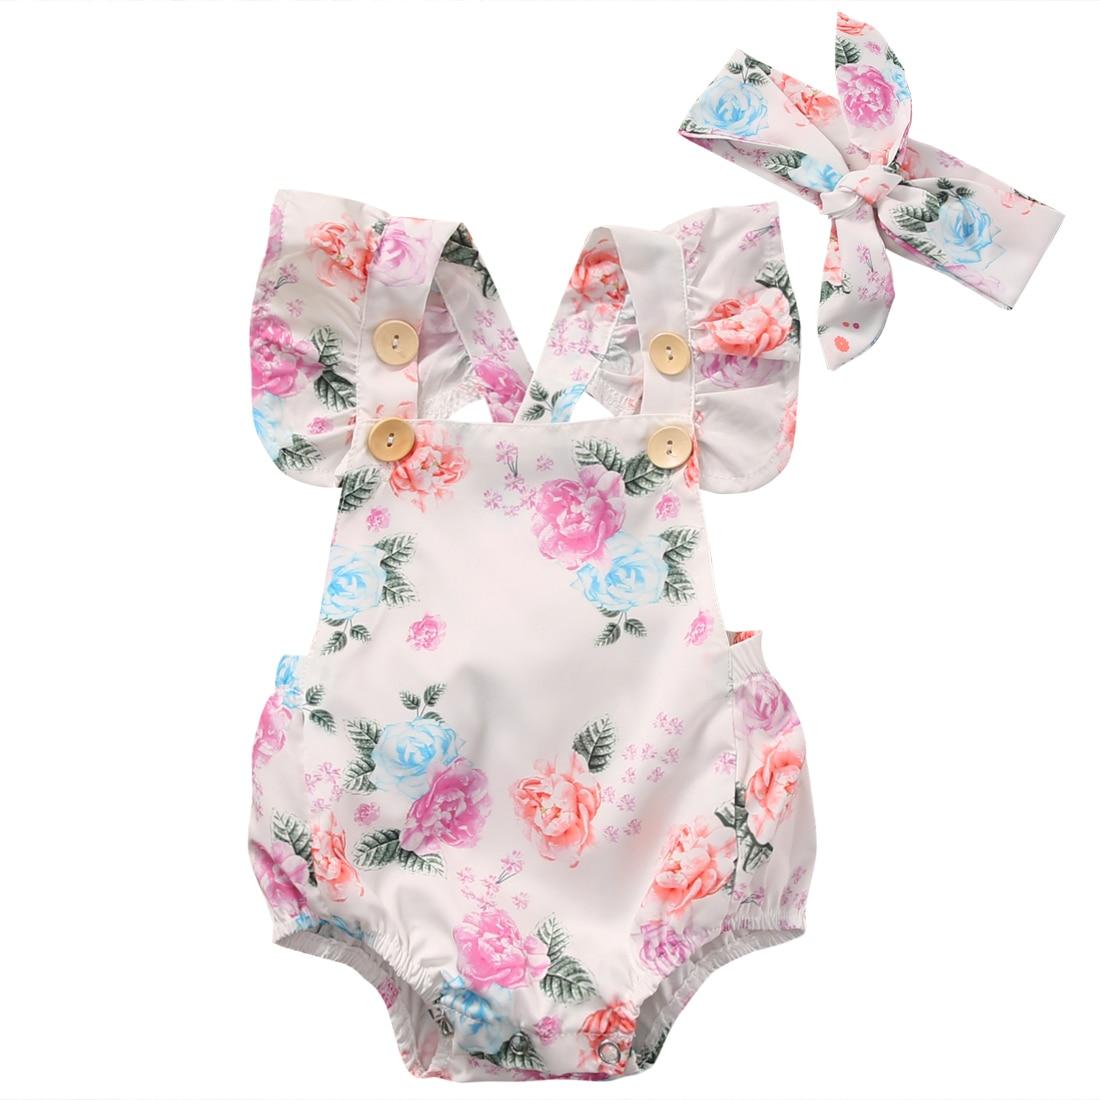 Floral Romper Do Bebê Roupas Set 2017 Verão Bebê Recém-nascido Menina Babados Manga Bodysuit Macacão Headband 2 pcs Outfit Sunsuit